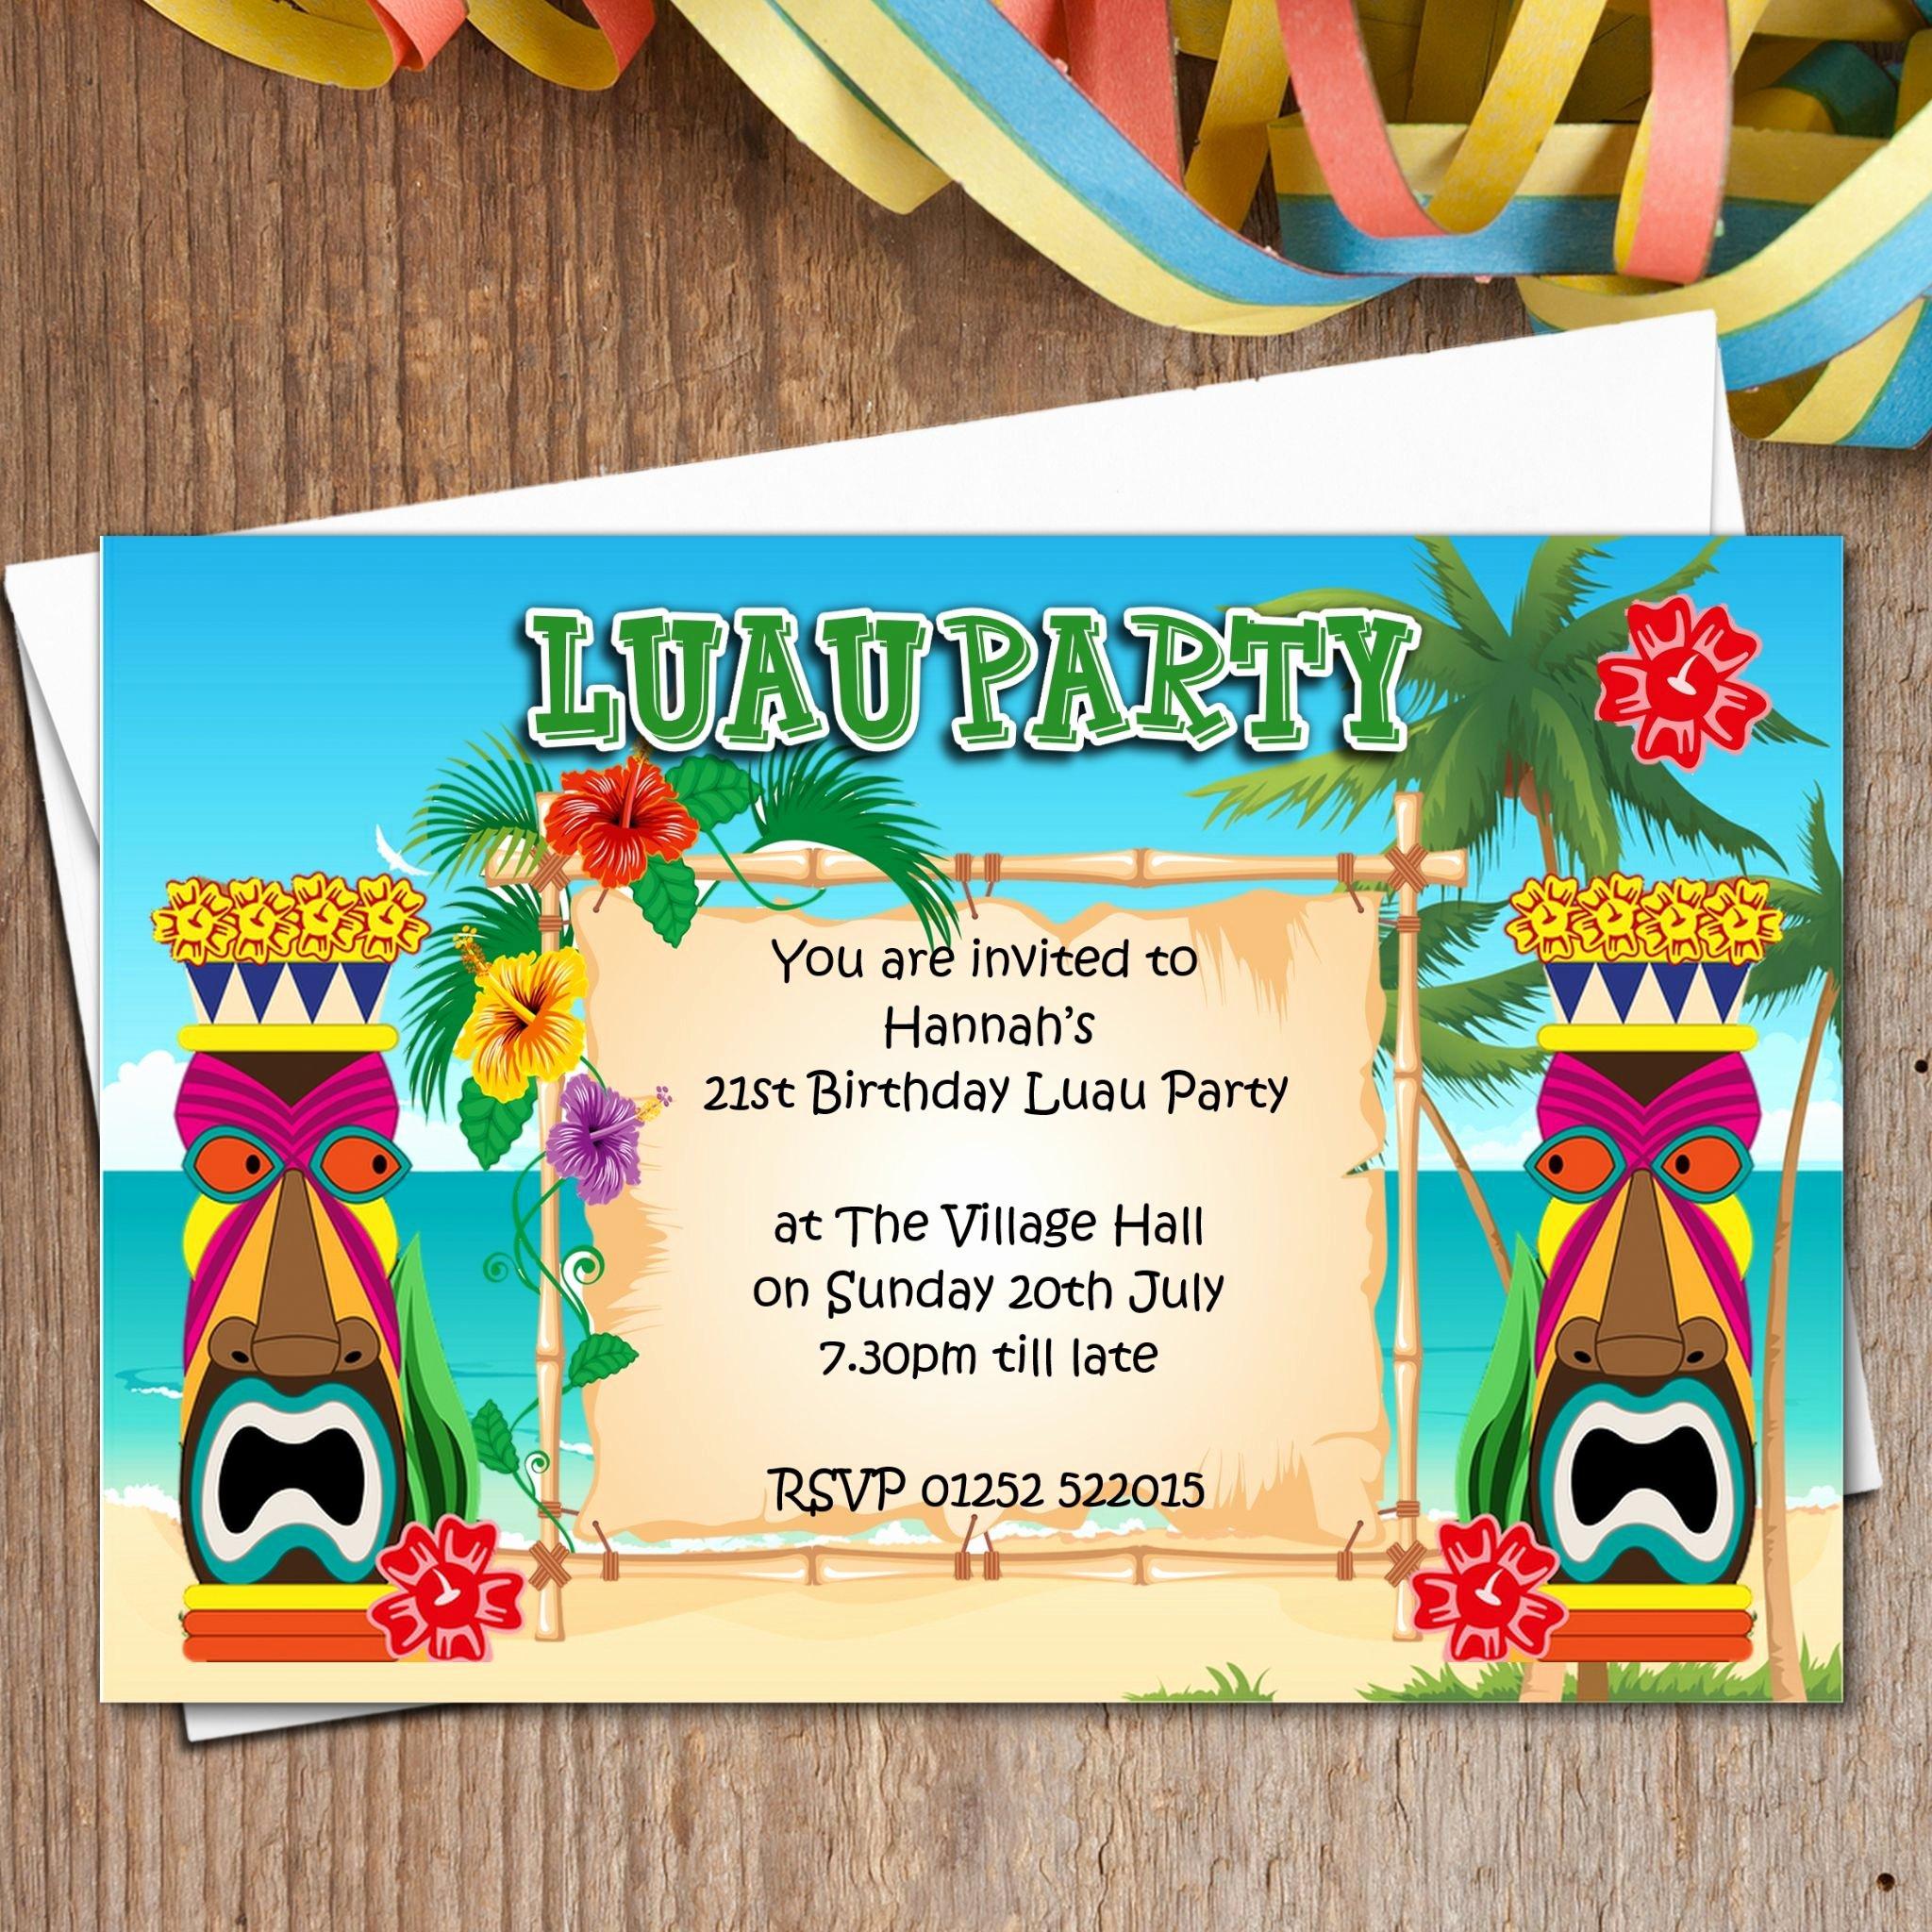 Hawaiian themed Invitation Template Inspirational 5 Impactful Hawaiian theme Party Invitations